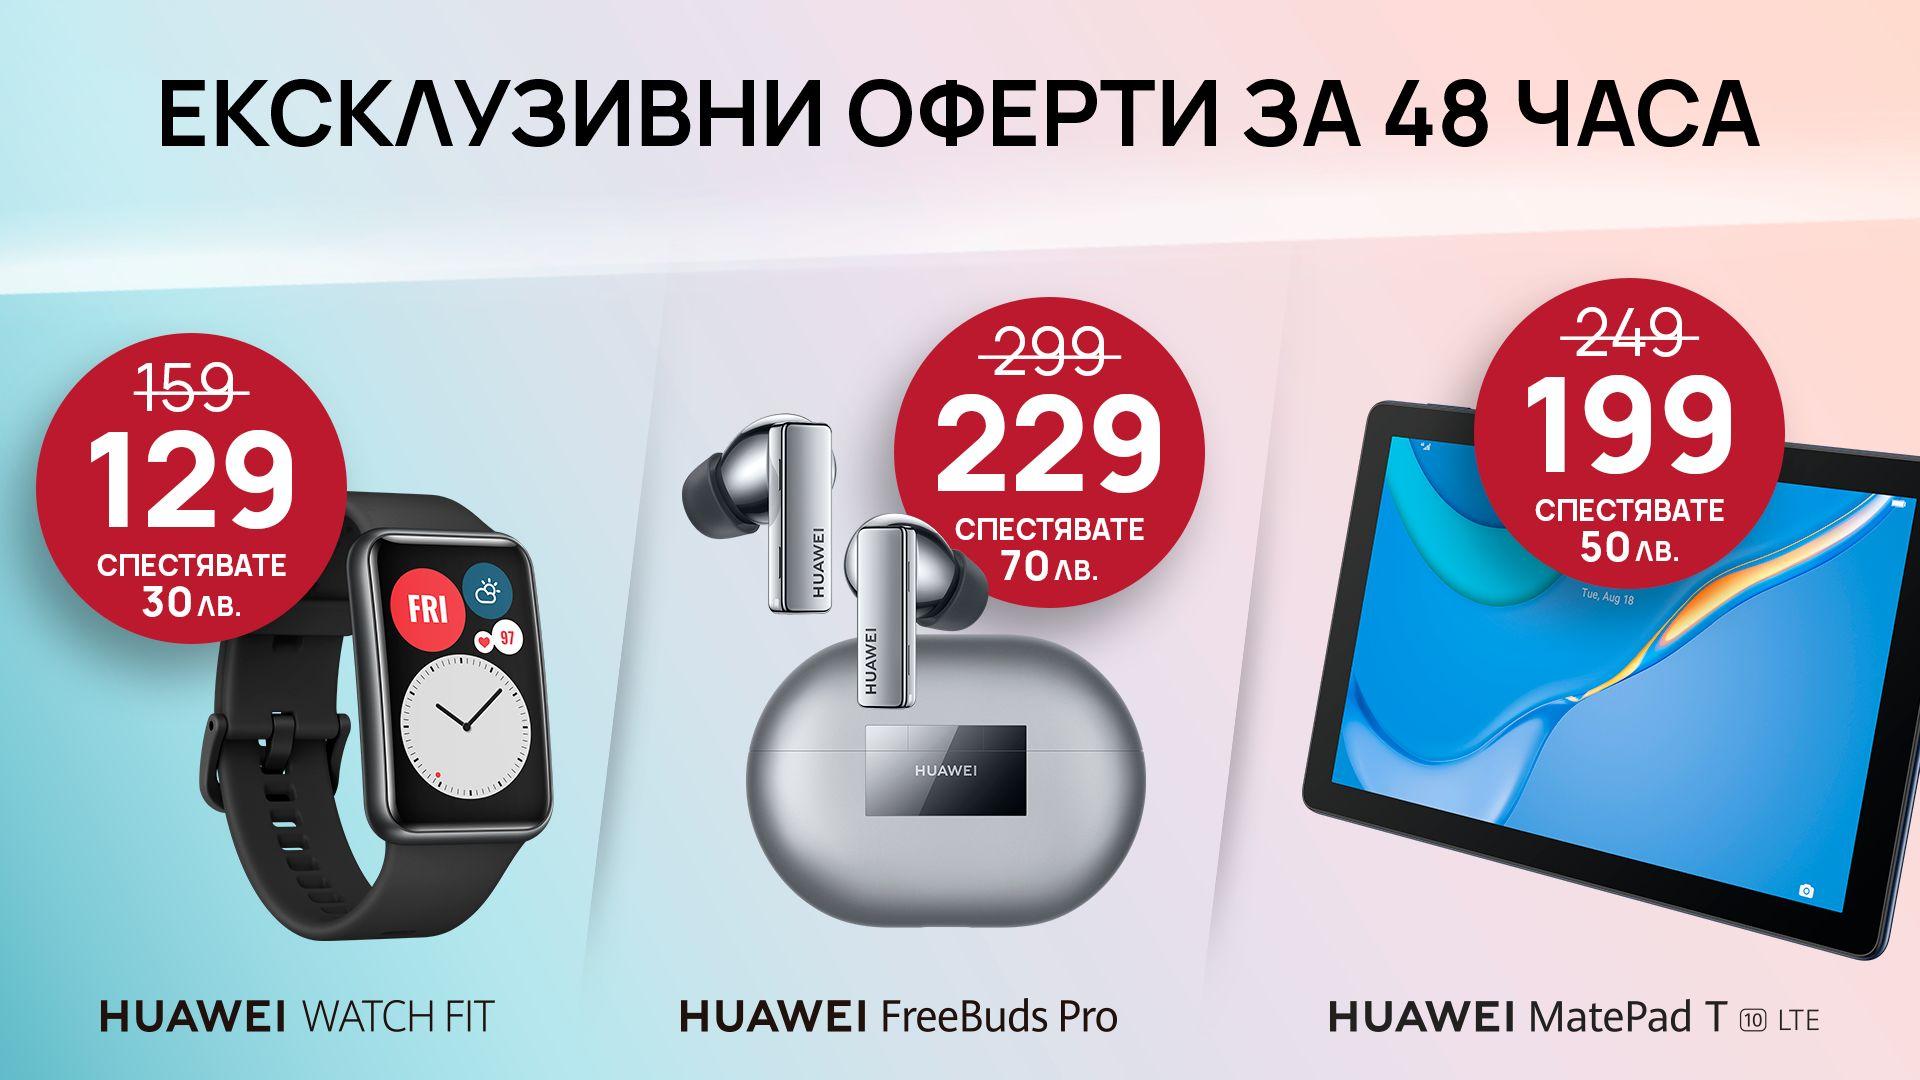 Втората серия на Huawei TechTalk идва с 48-часови ексклузивни оферти  за 3 продукта